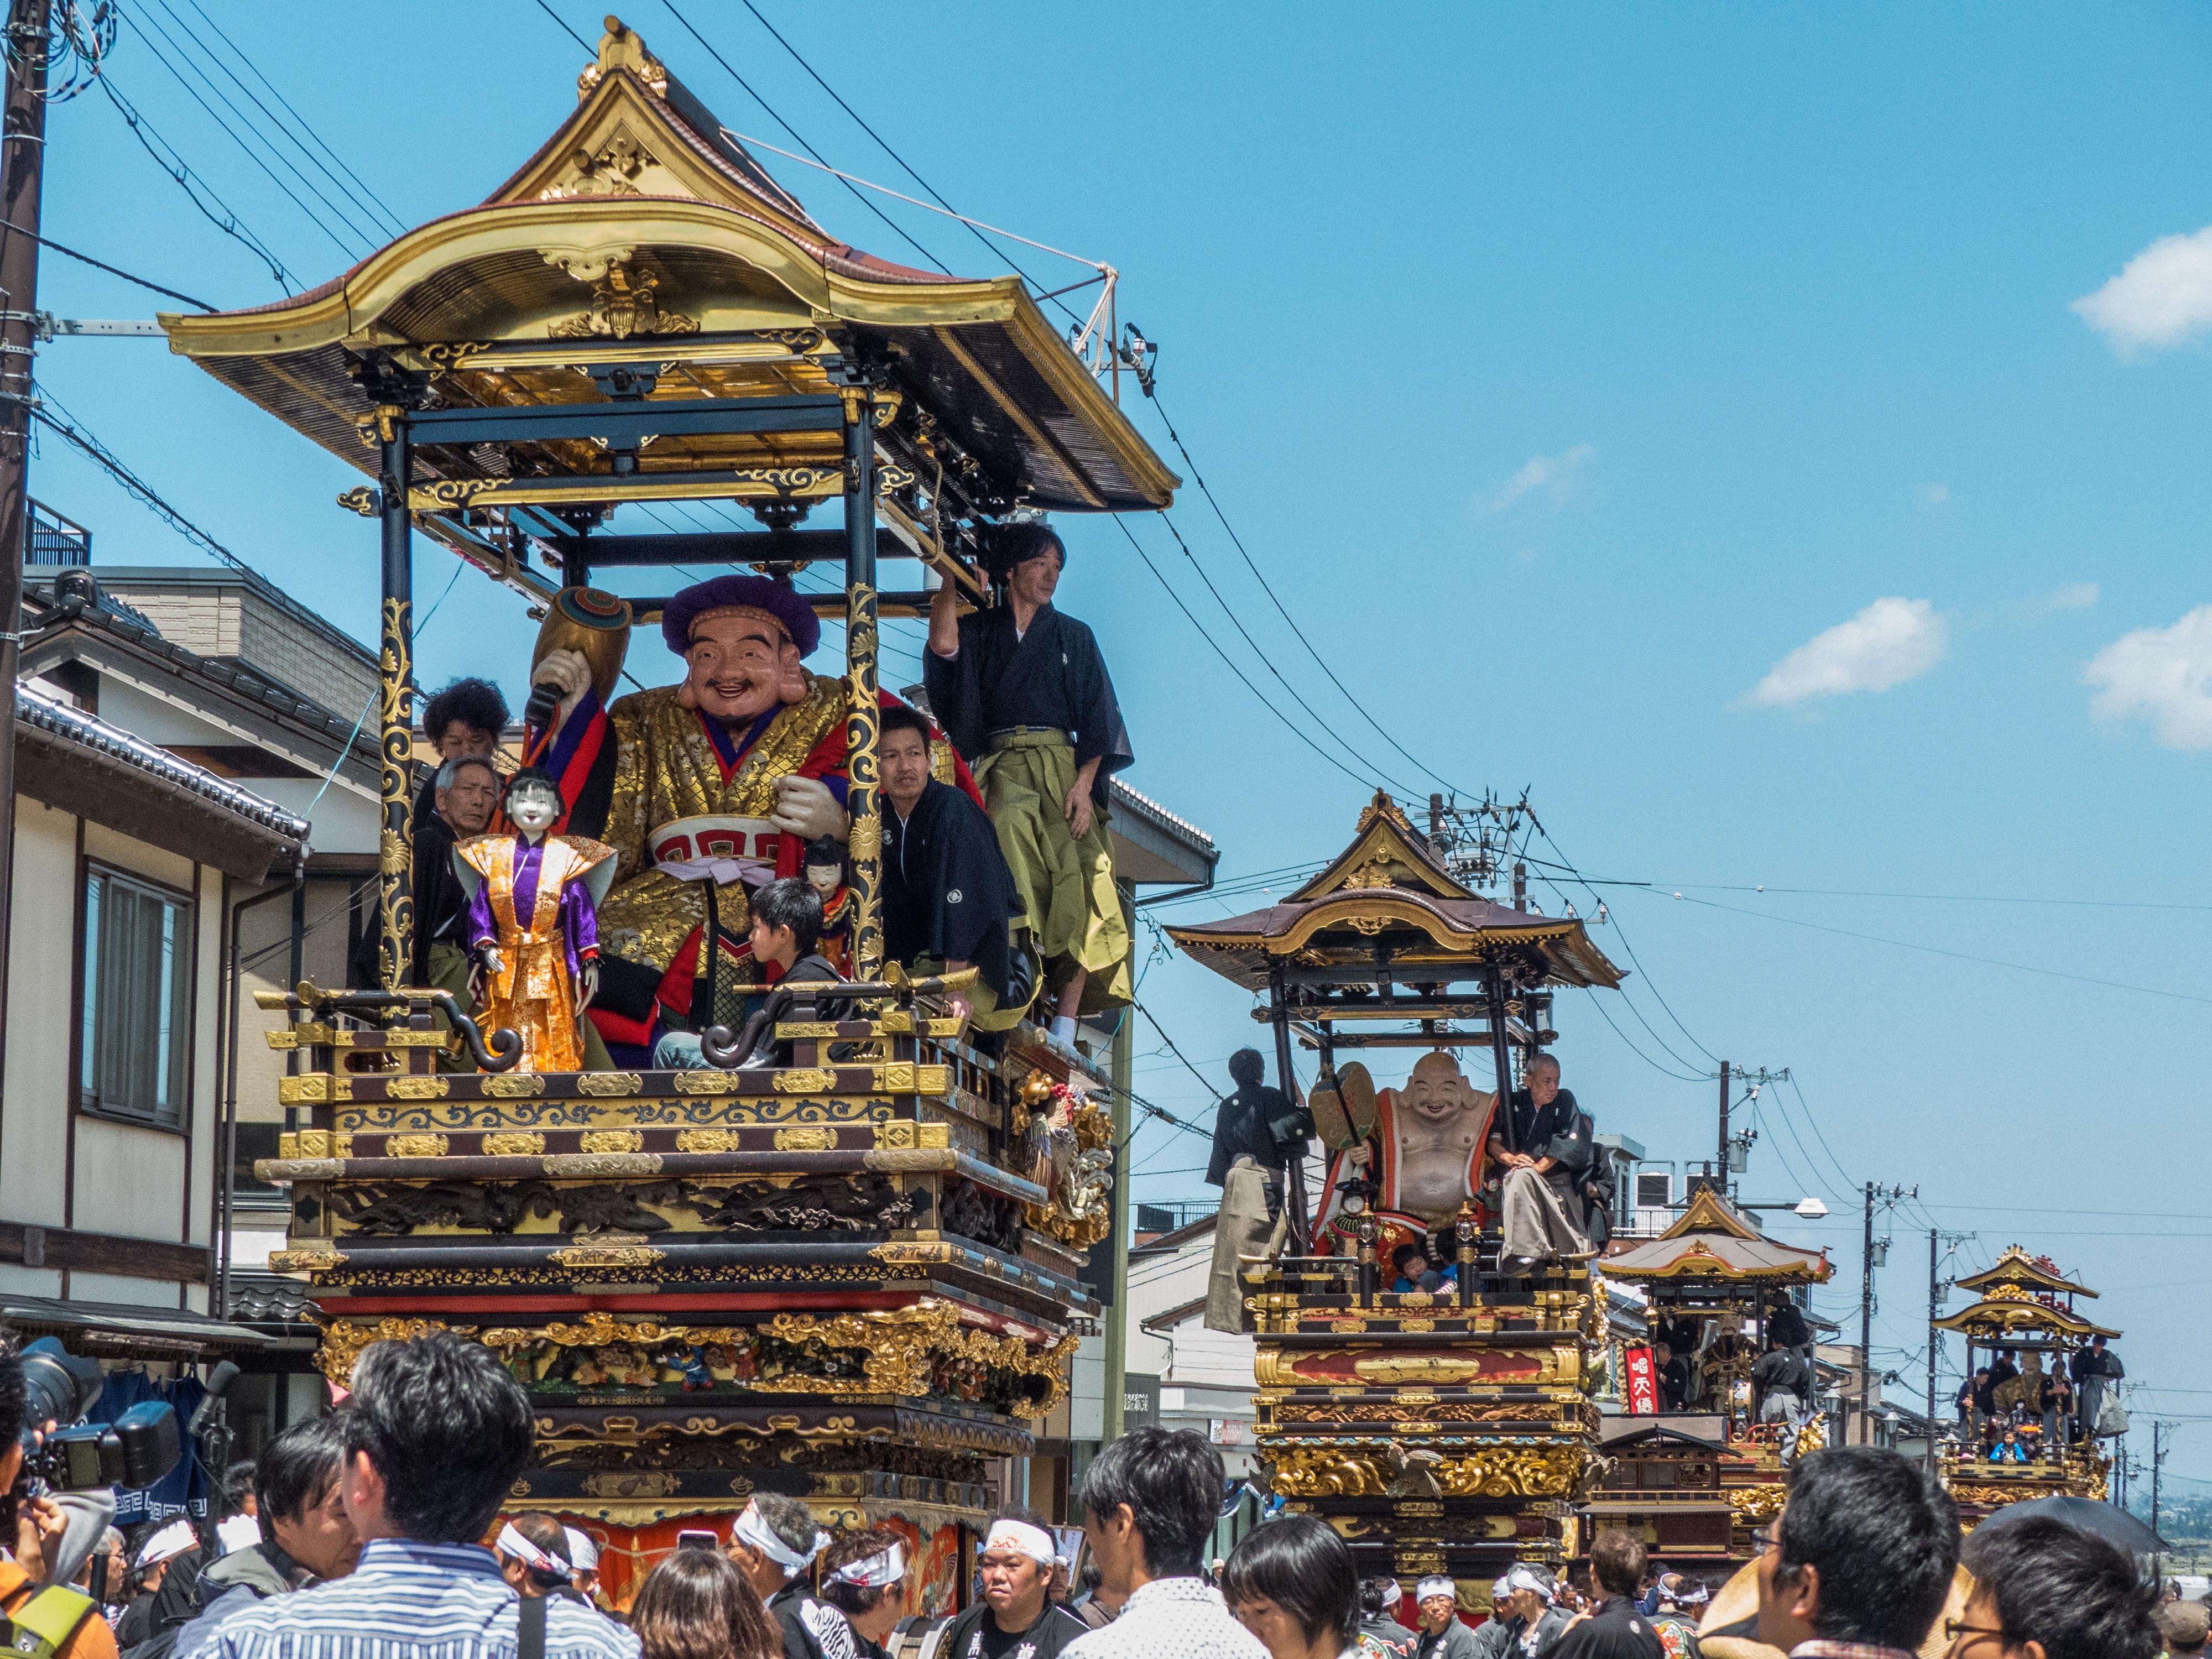 城端曳山祭 (ユネスコ無形文化遺産登録名称「城端神明宮祭の曳山行事」)の画像